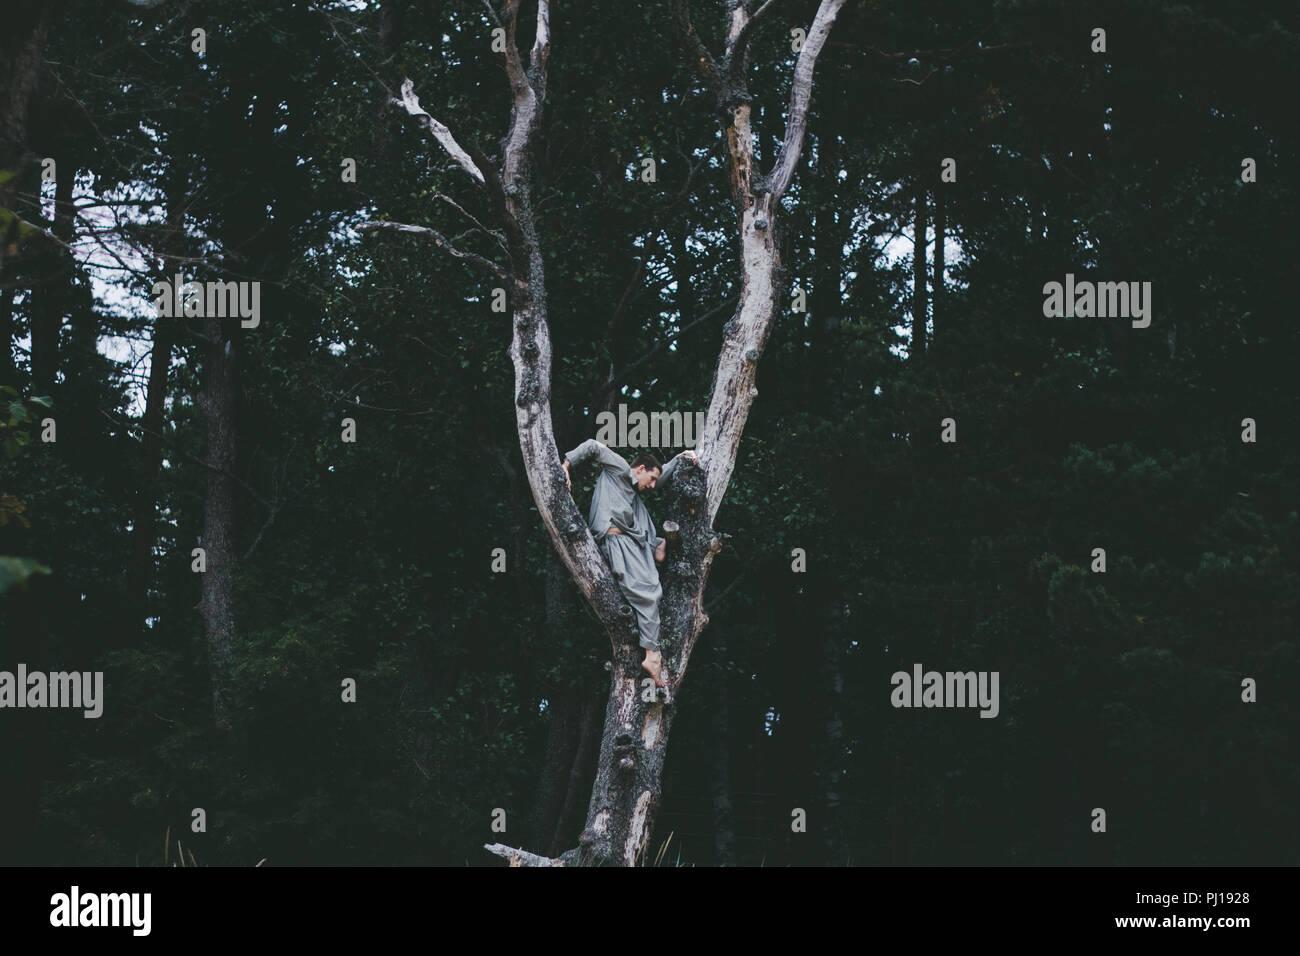 L'homme se déplaçant dans des forêts nature Photo Stock